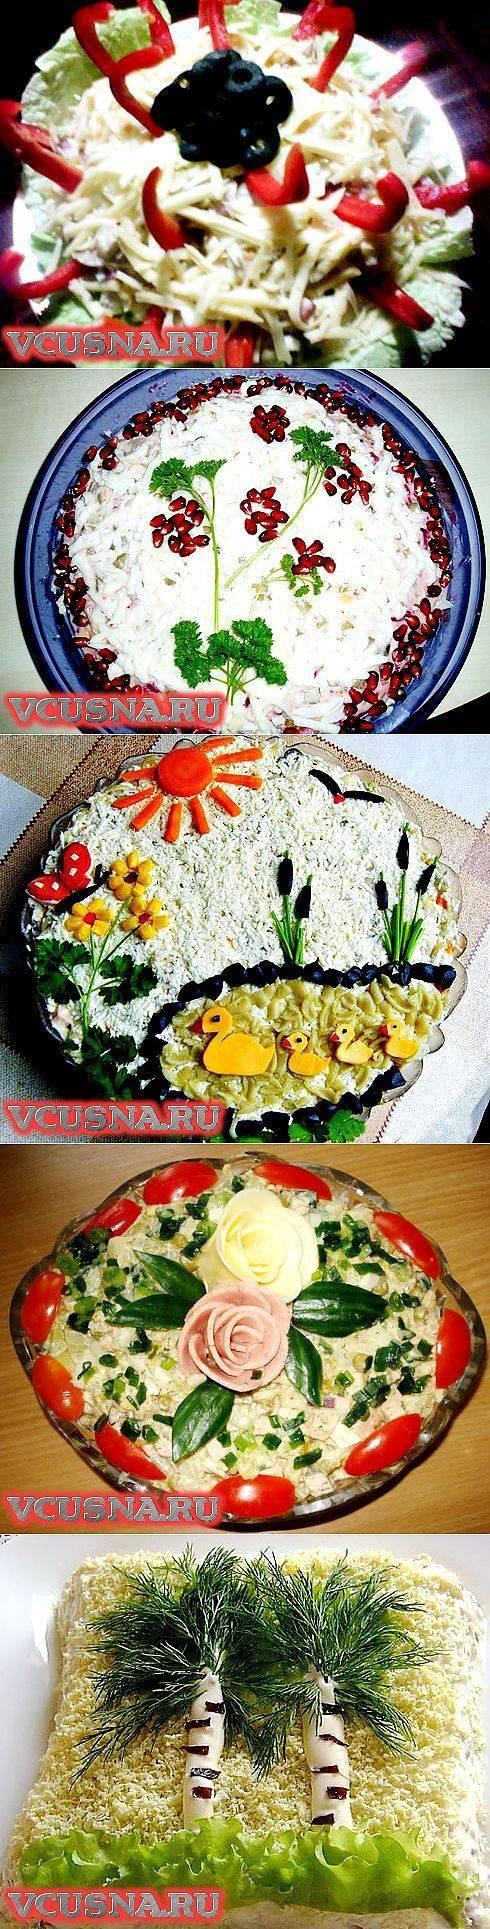 Простые и вкусные рецепты салатов на день рождения с фото